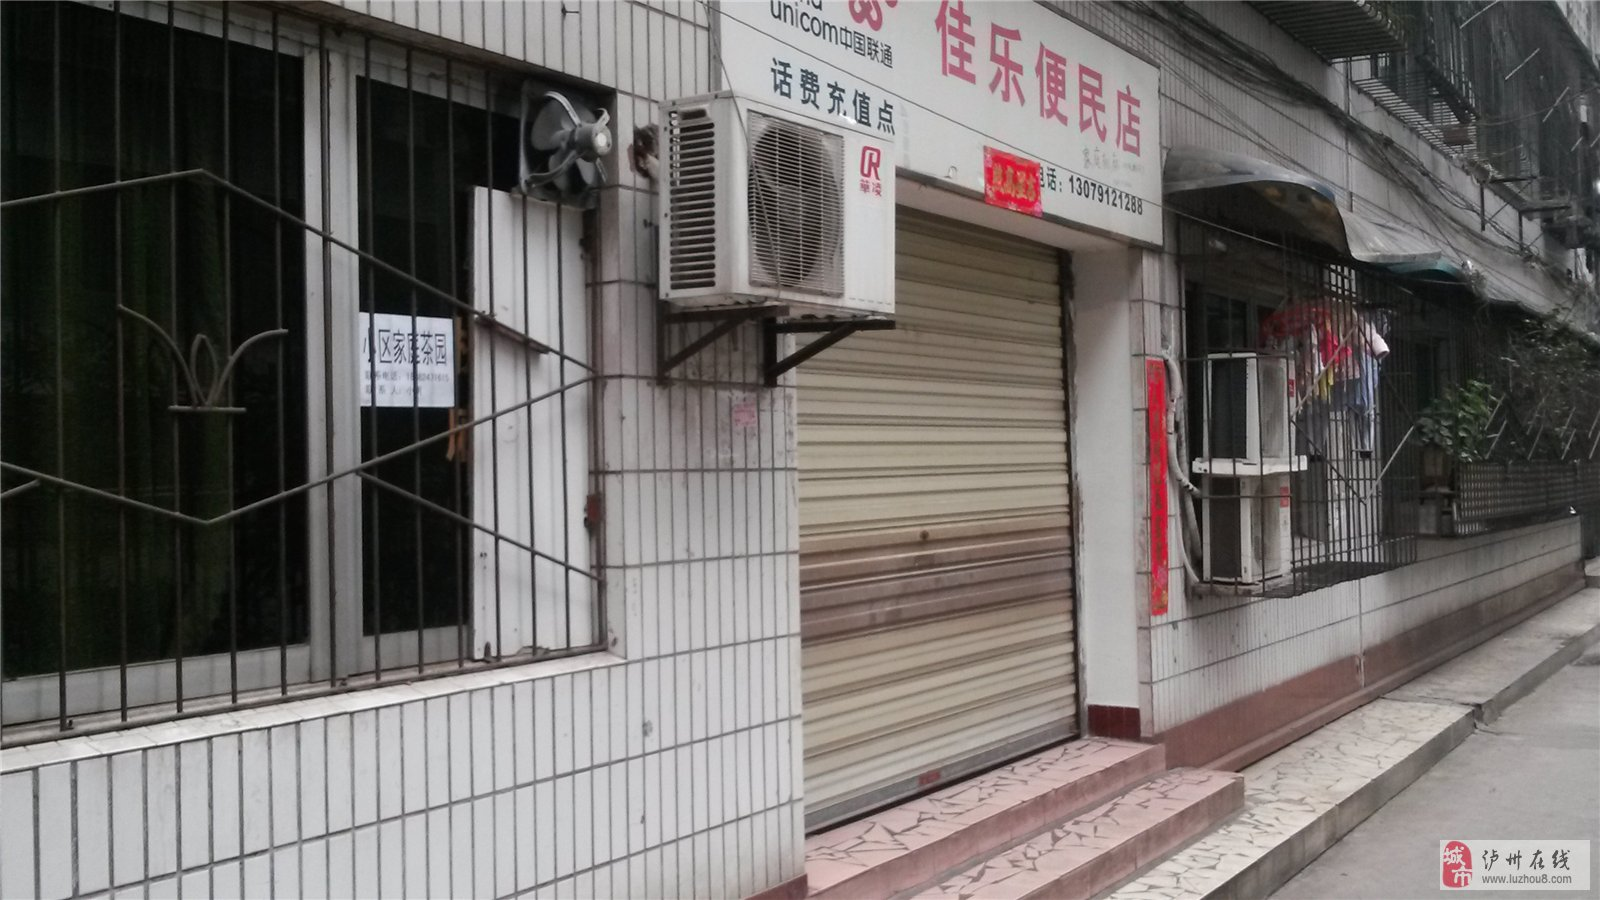 泸州江城肯德基后面超值小区门面房可开商店麻将室等